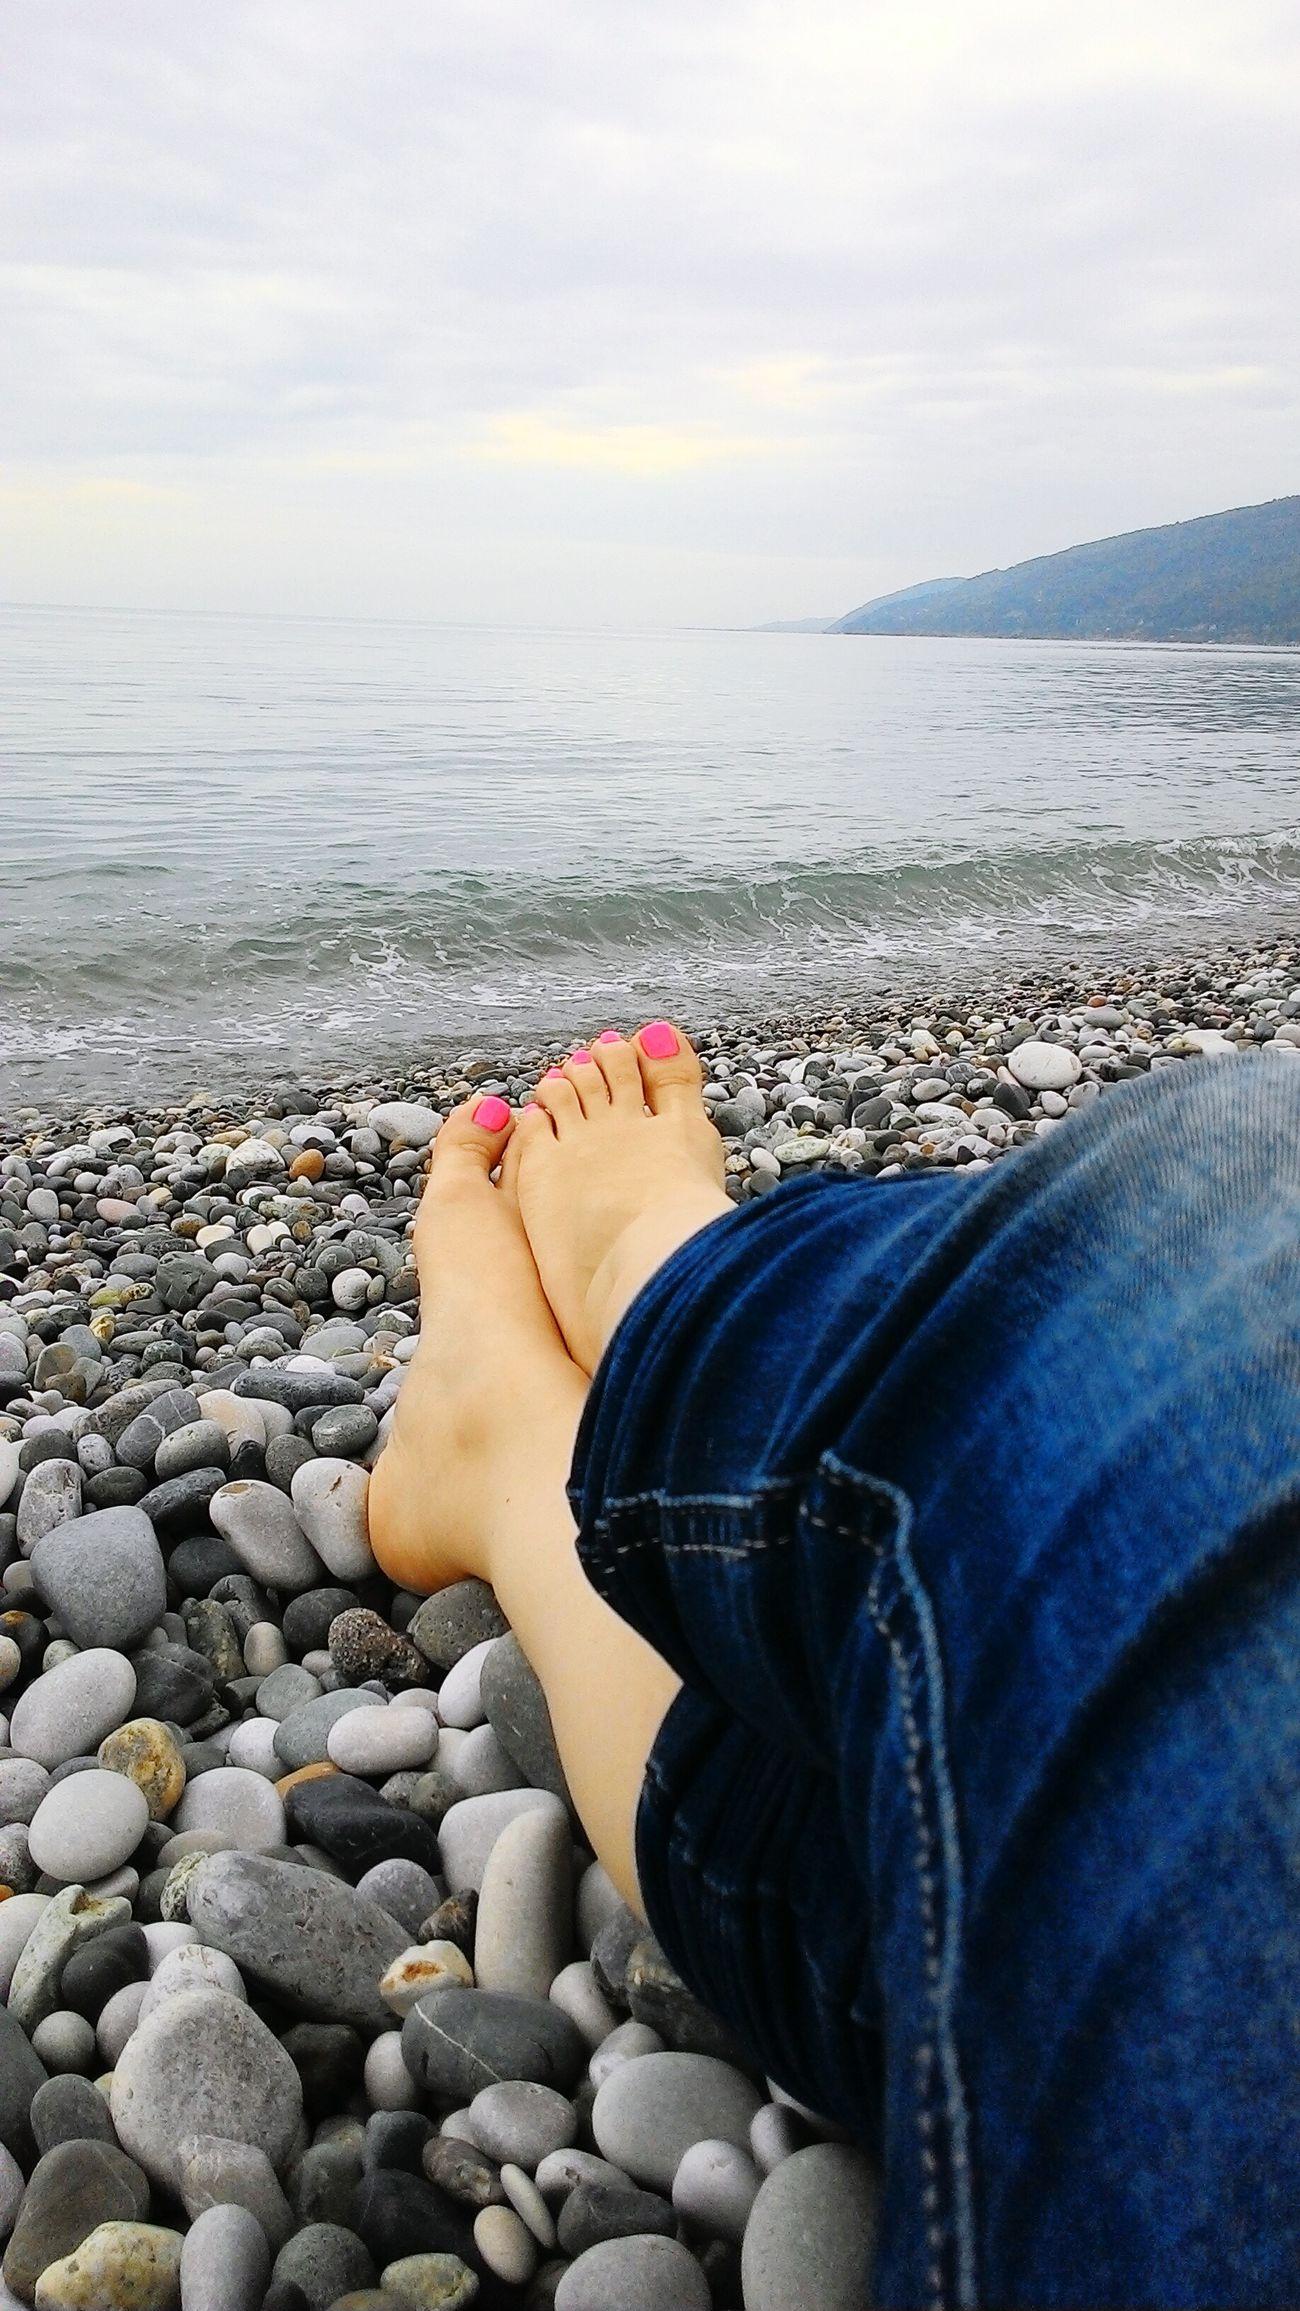 абхазия пляж Гагры ноги